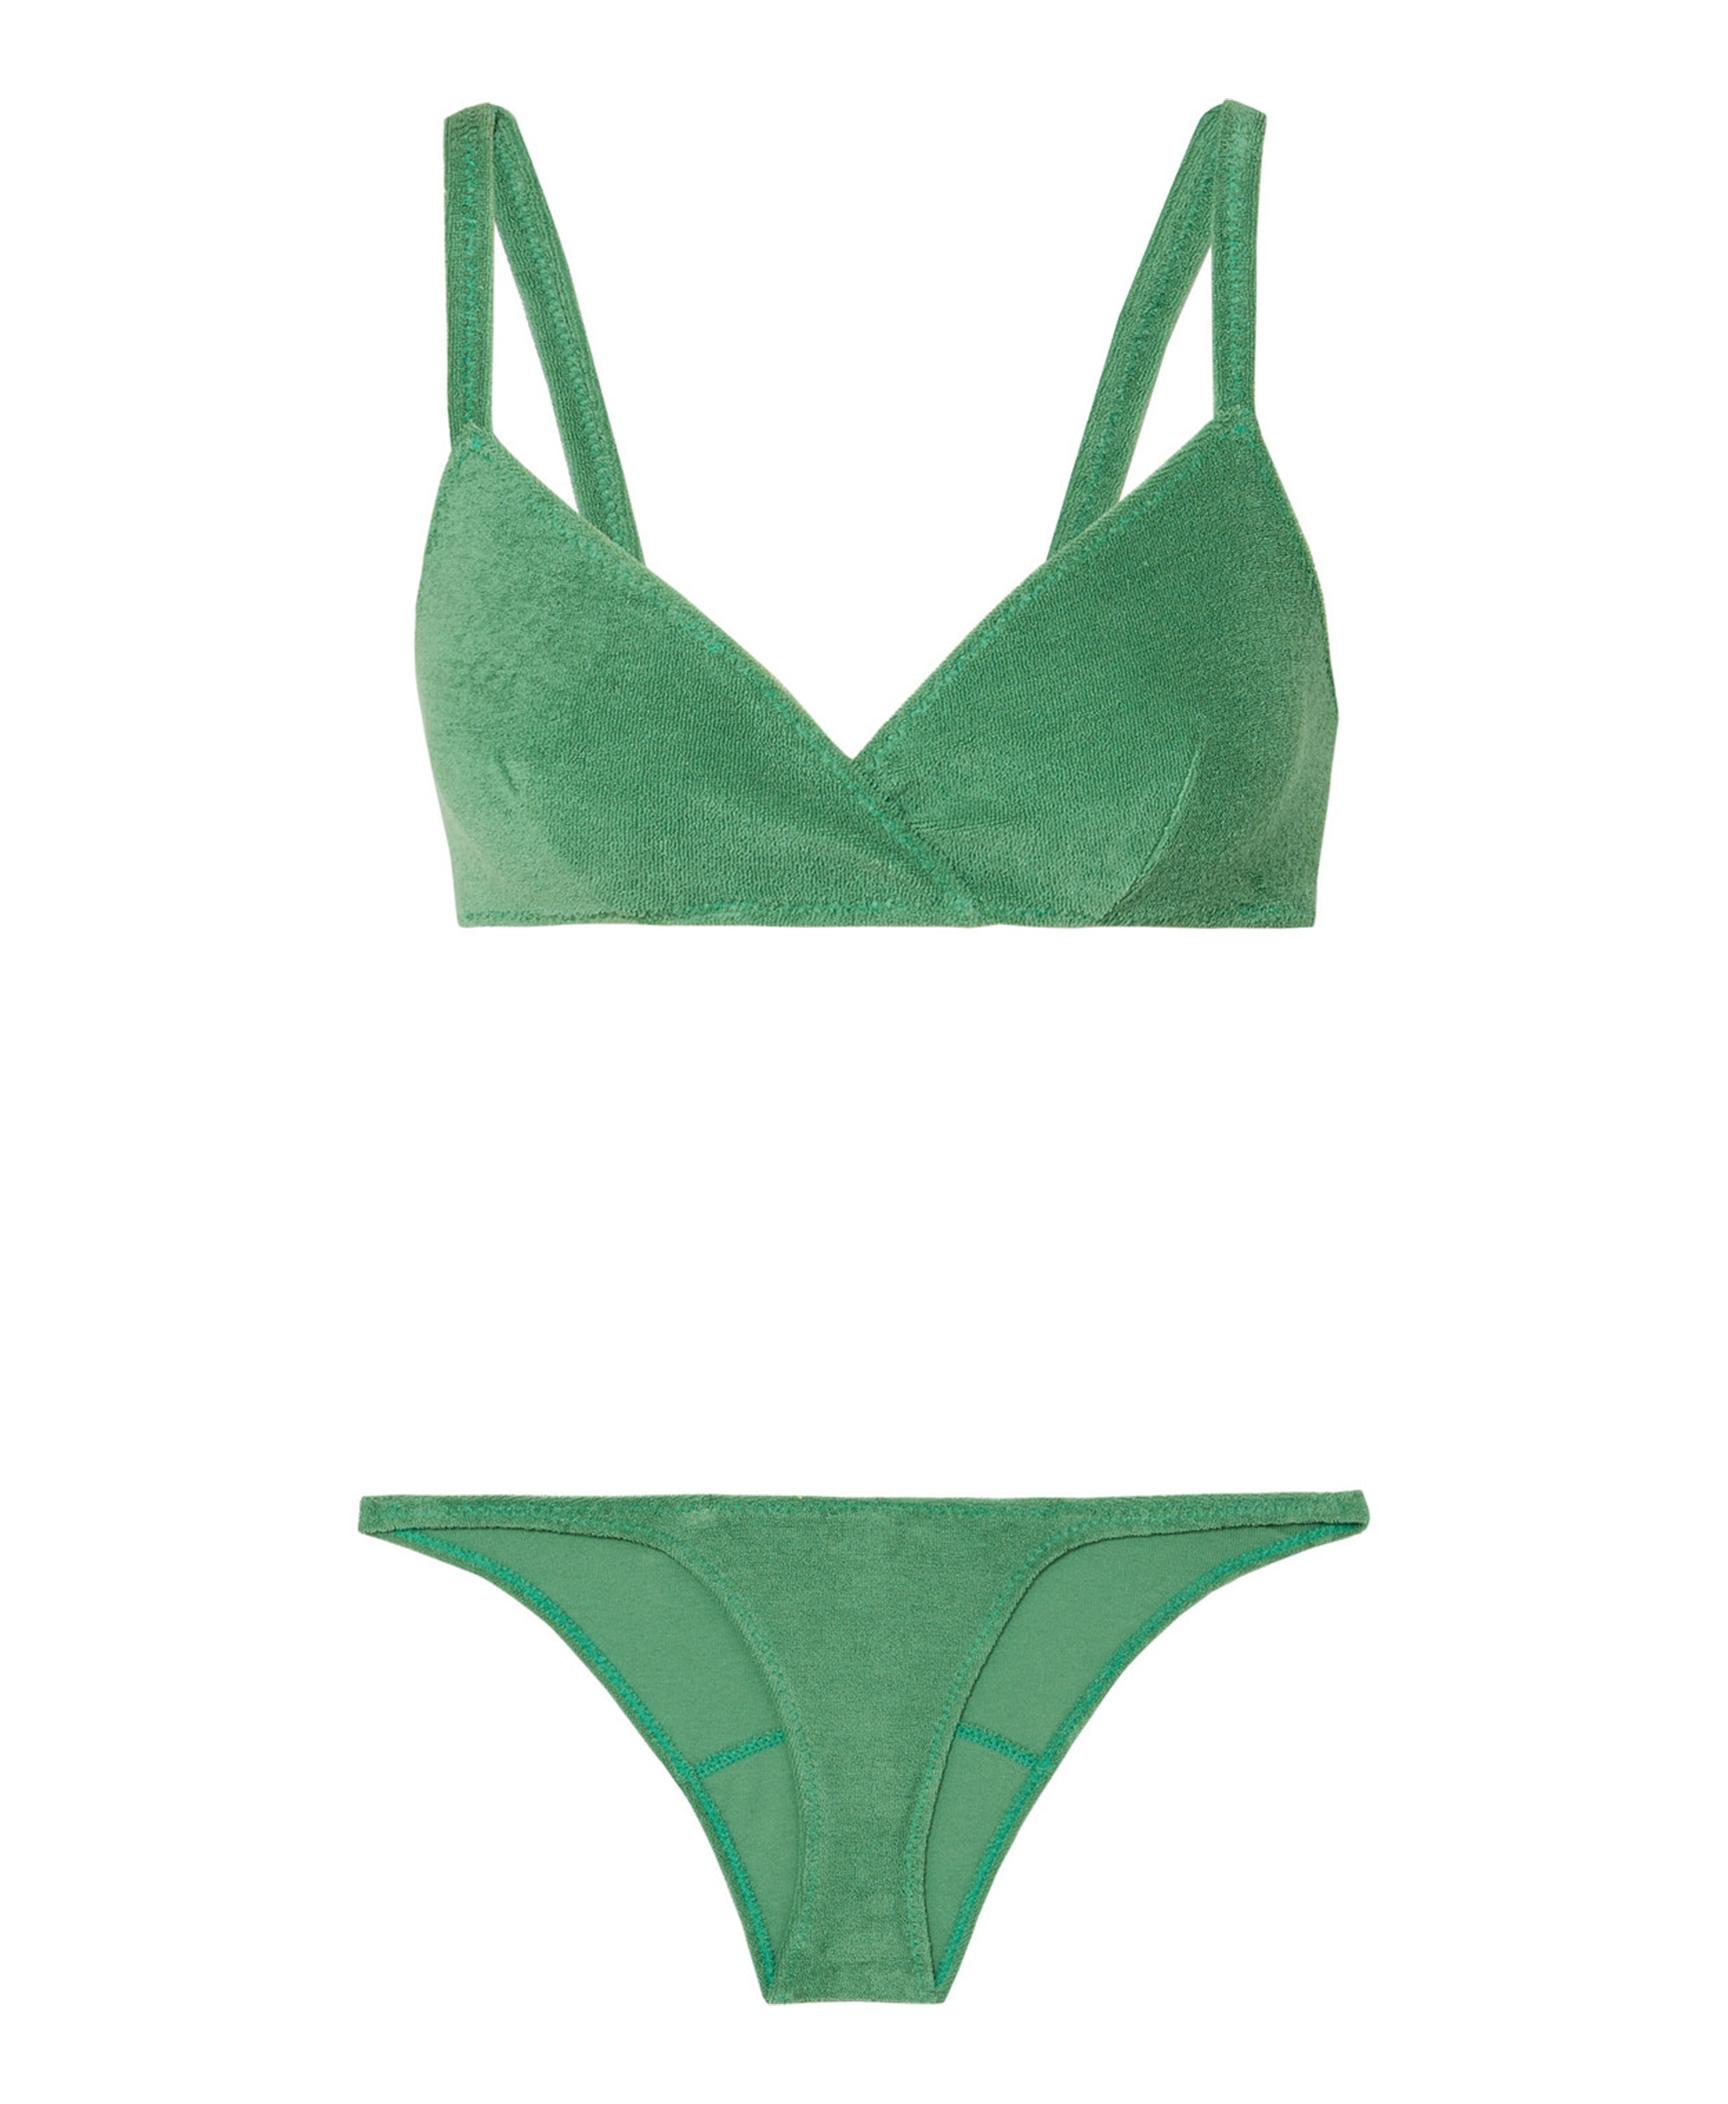 Green Terry Bikini